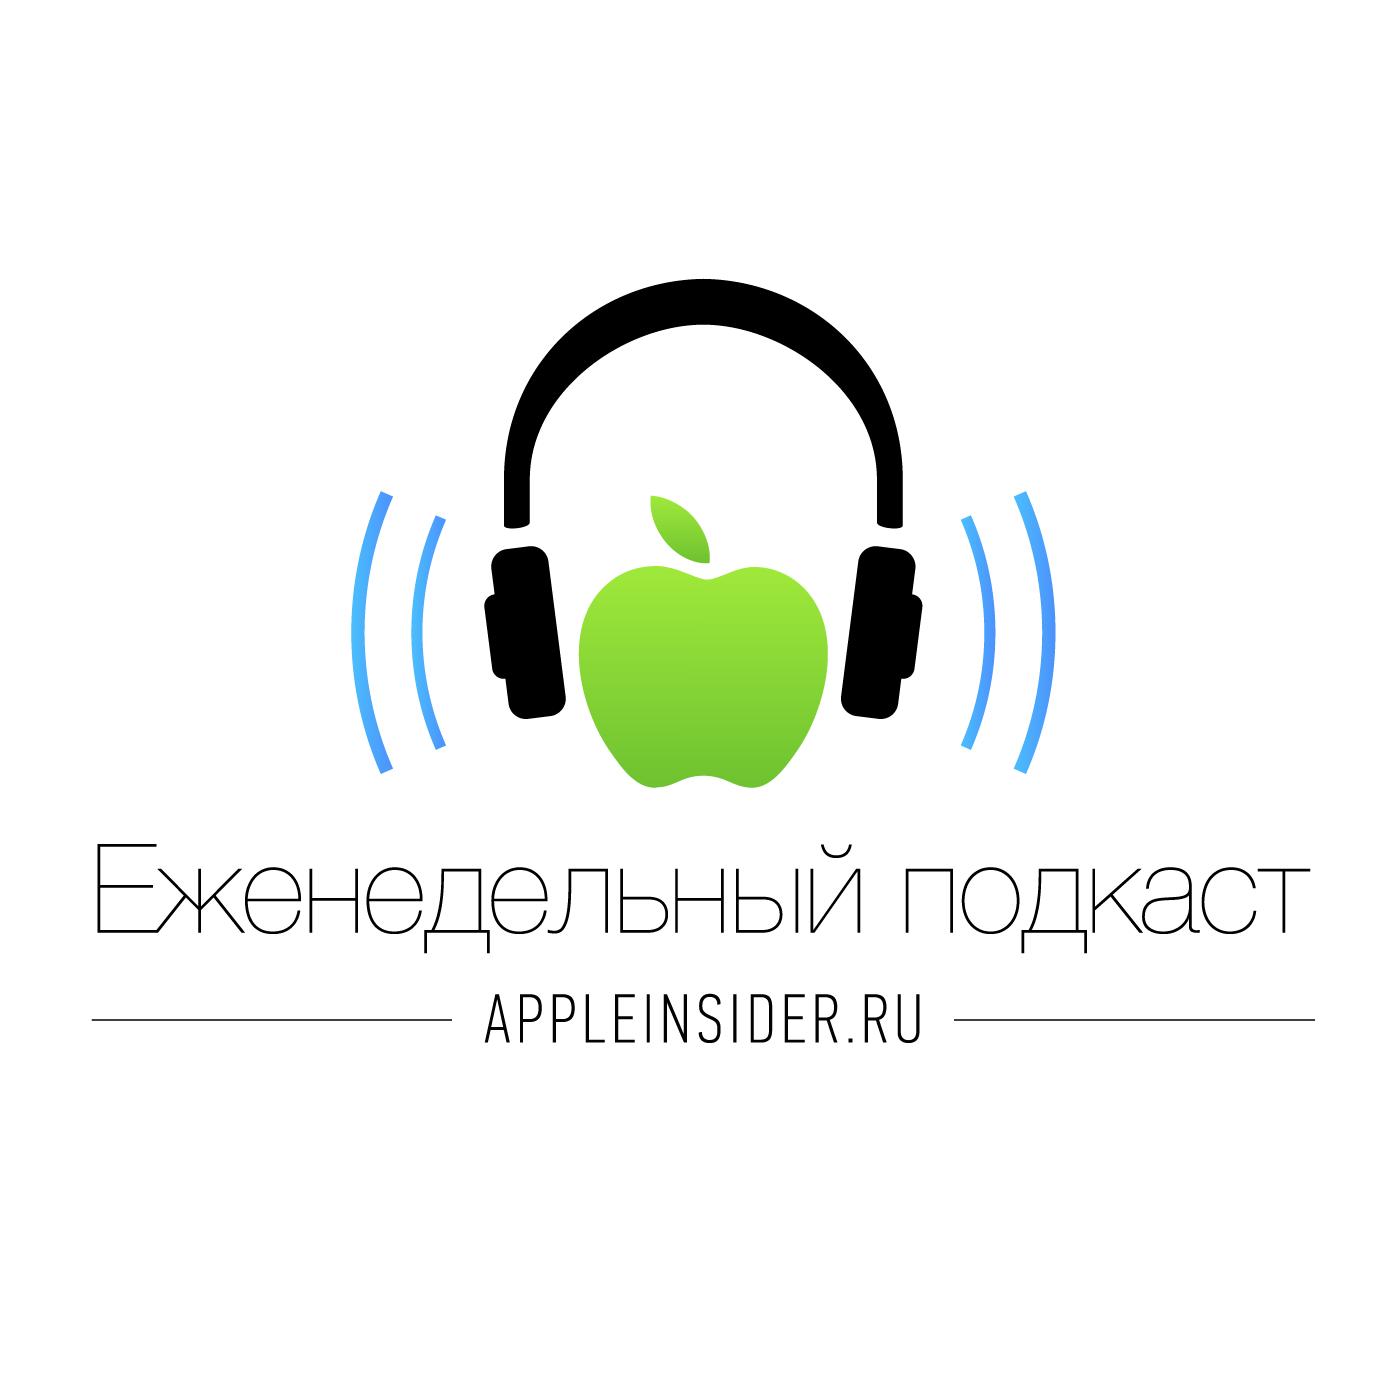 Миша Королев Что нового в шестой бета-версии iOS 10 миша королев что нового в шестой бета версии ios 10